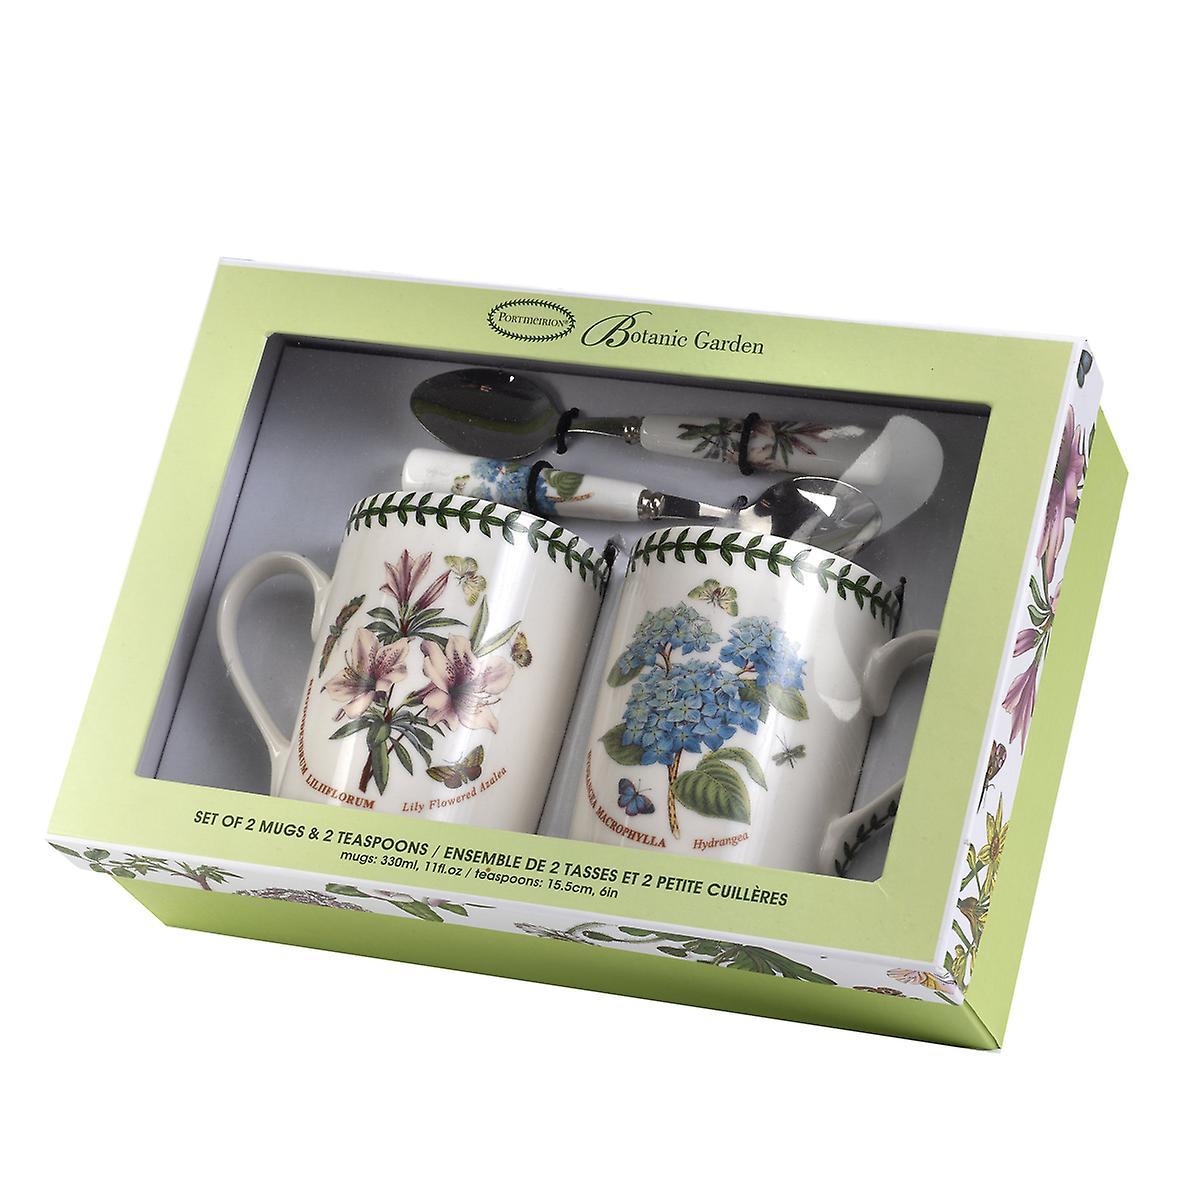 Personnalisé Iron on Craft Vinyle Nom Paillettes Camo Couleurs Standard Cadeau Craft